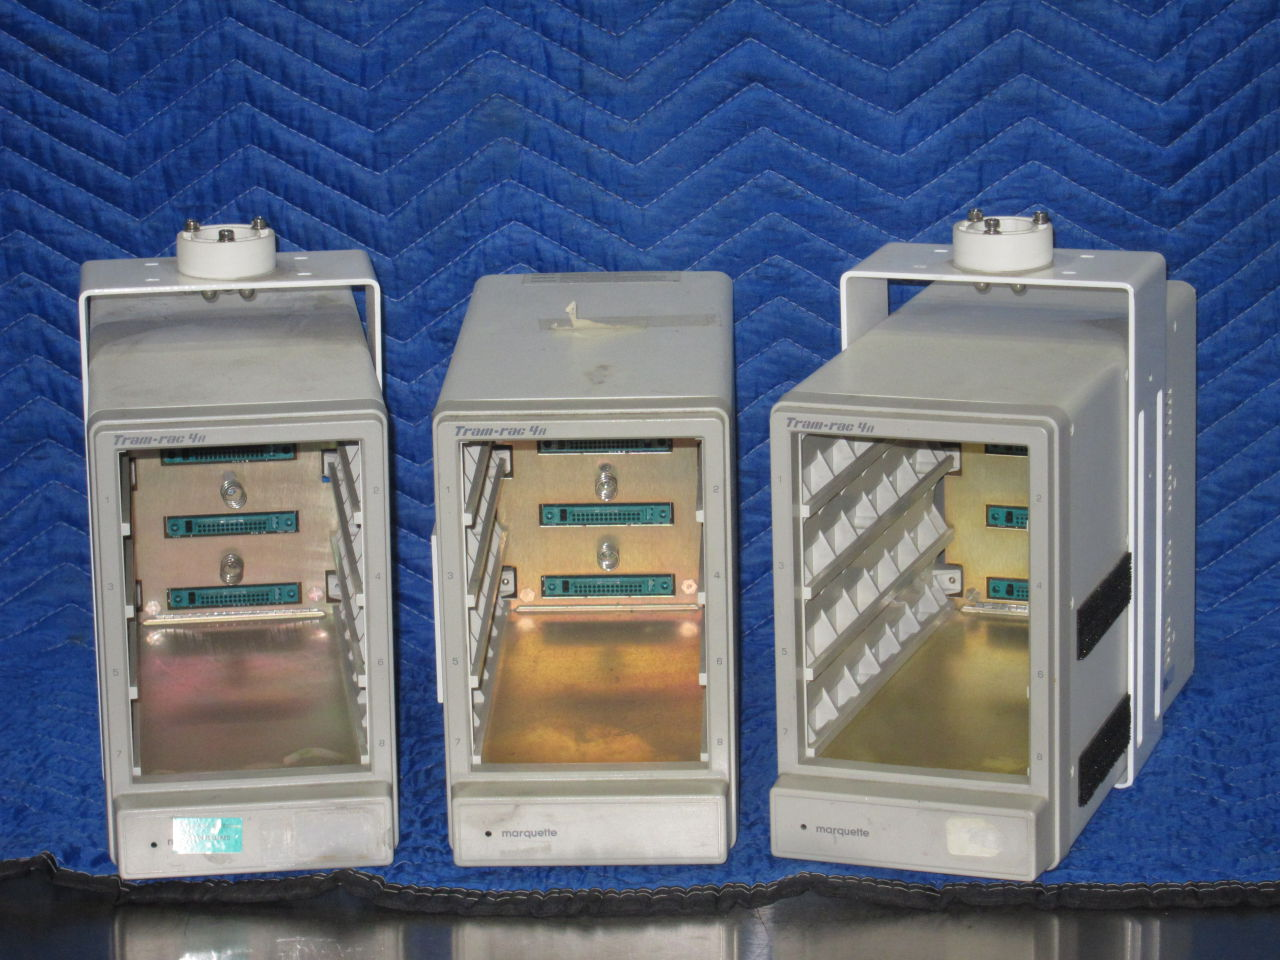 MARQUETTE Tram-Rac 4A  - Lot of 3 Module Rack